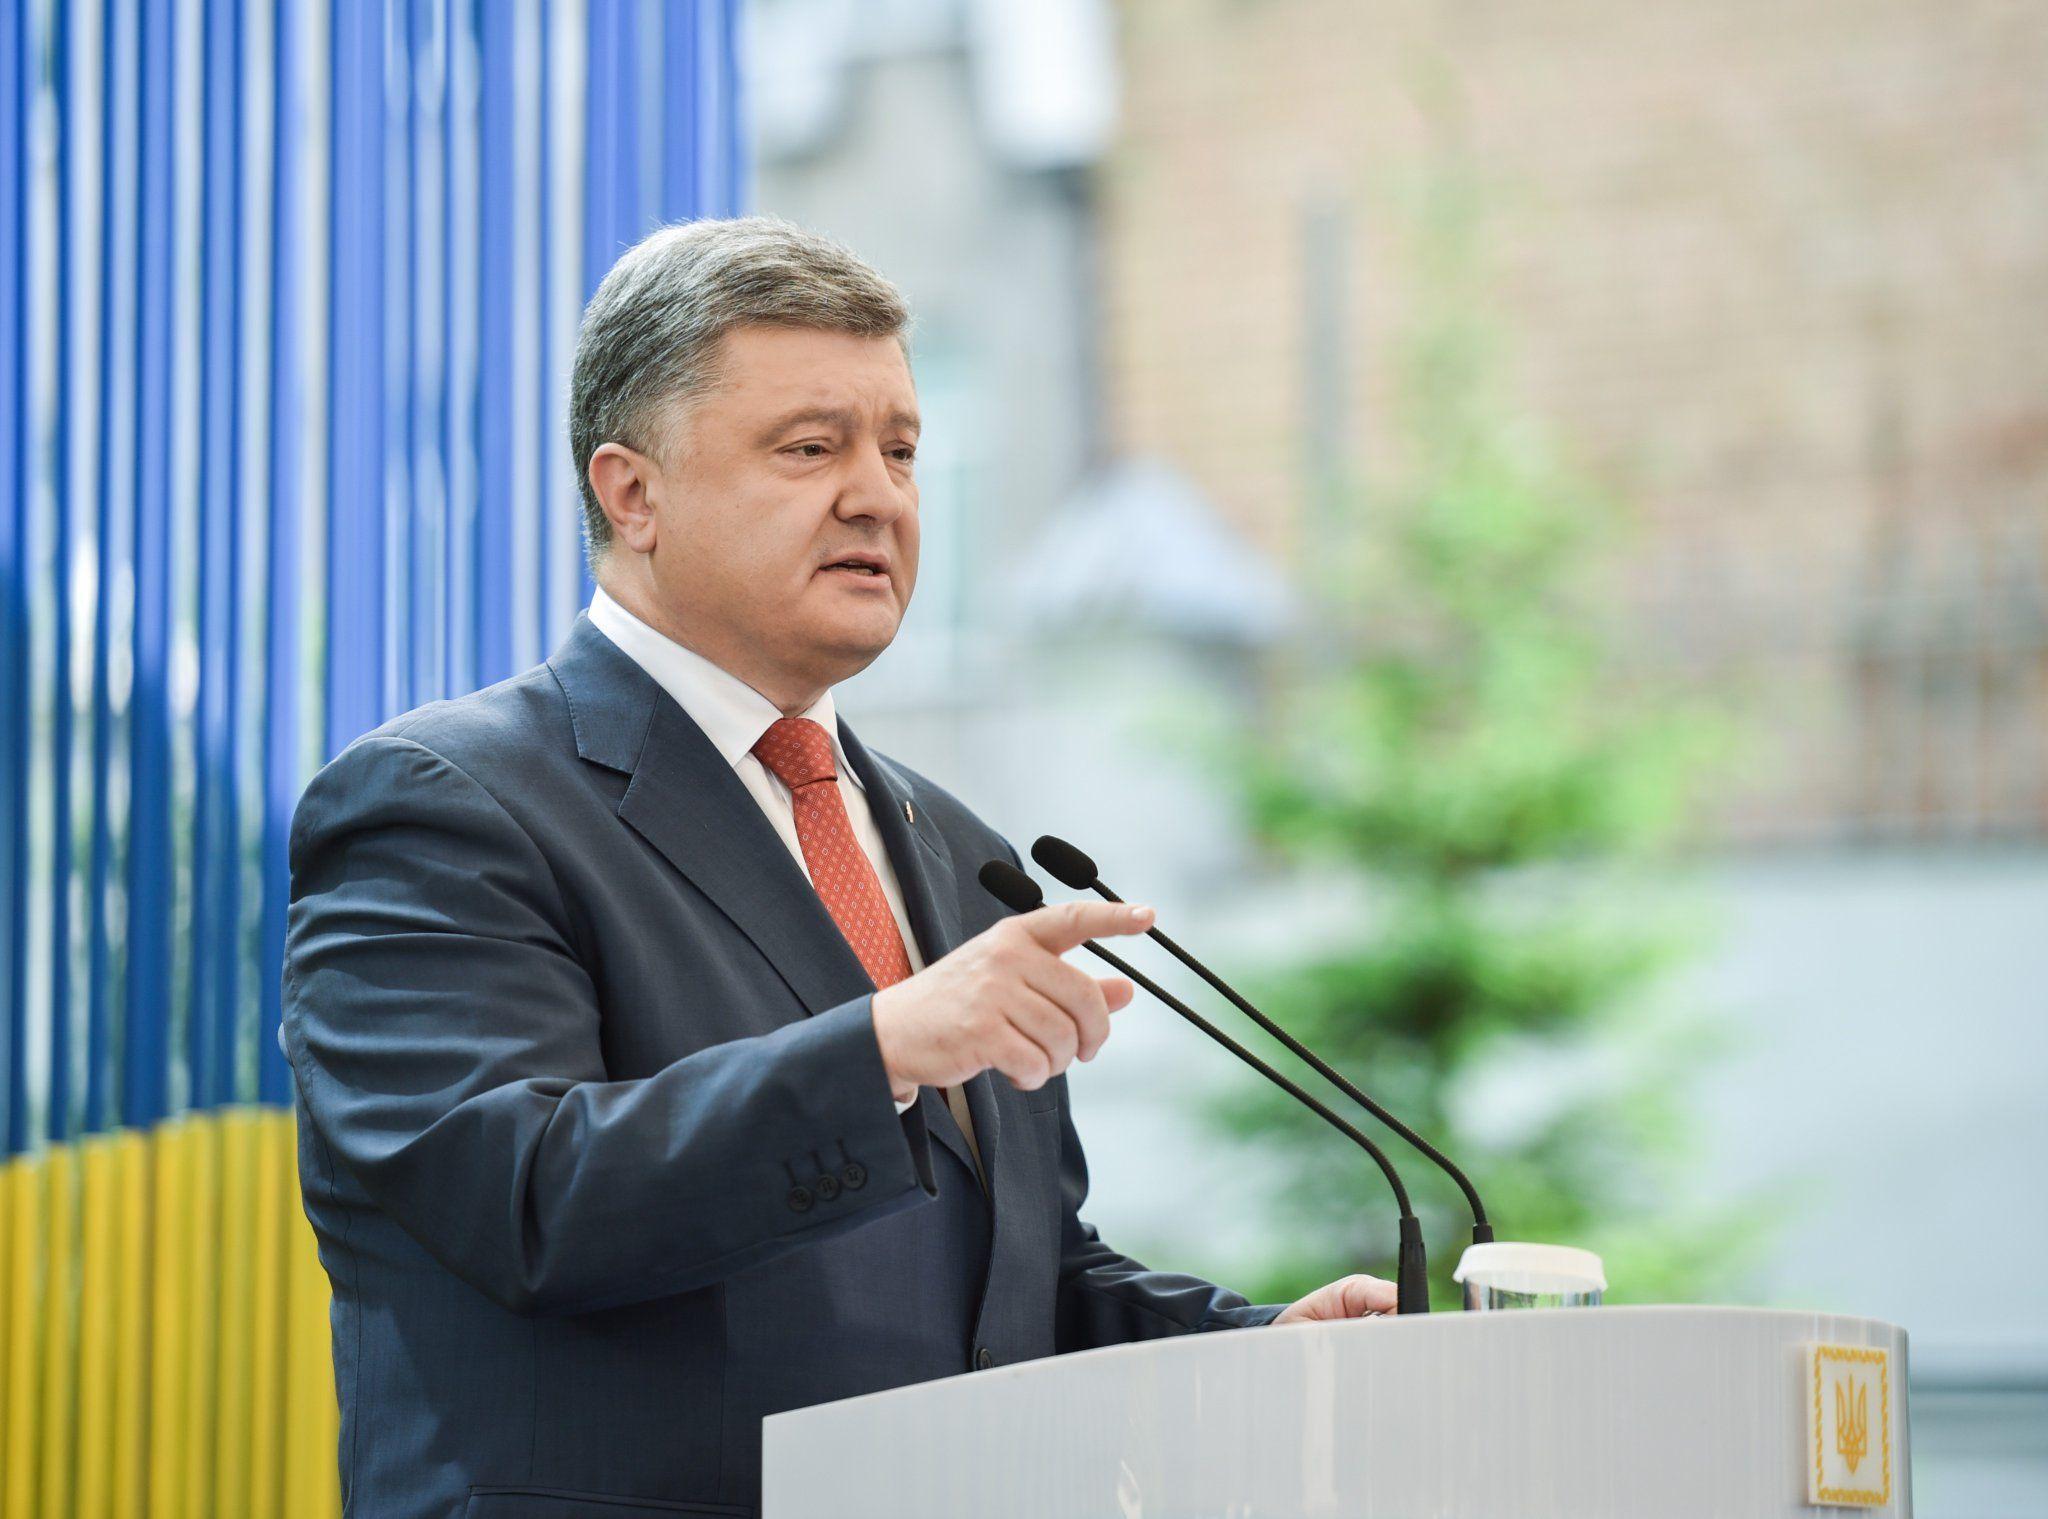 Порошенко убежден в развитии взаимовыгодного украино-египетского сотрудничества